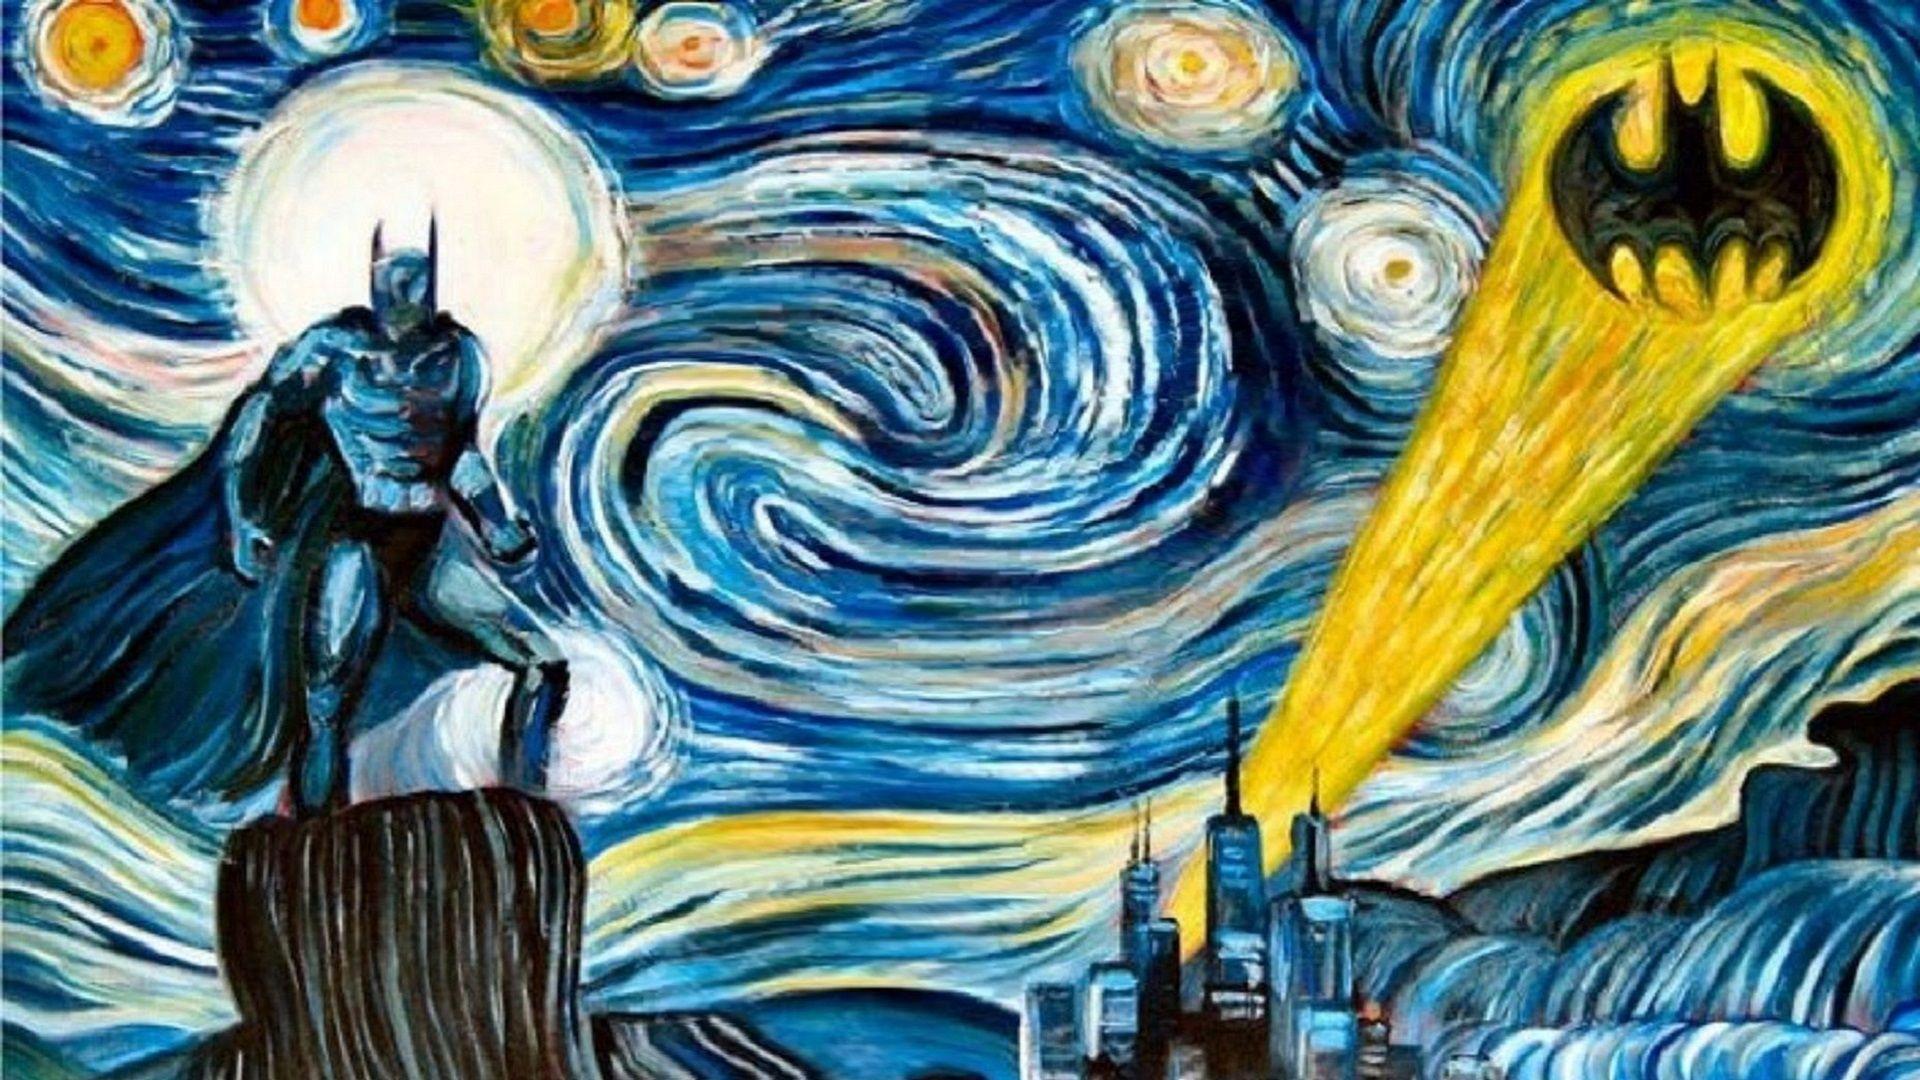 Van Gogh Art Wallpapers Top Free Van Gogh Art Backgrounds